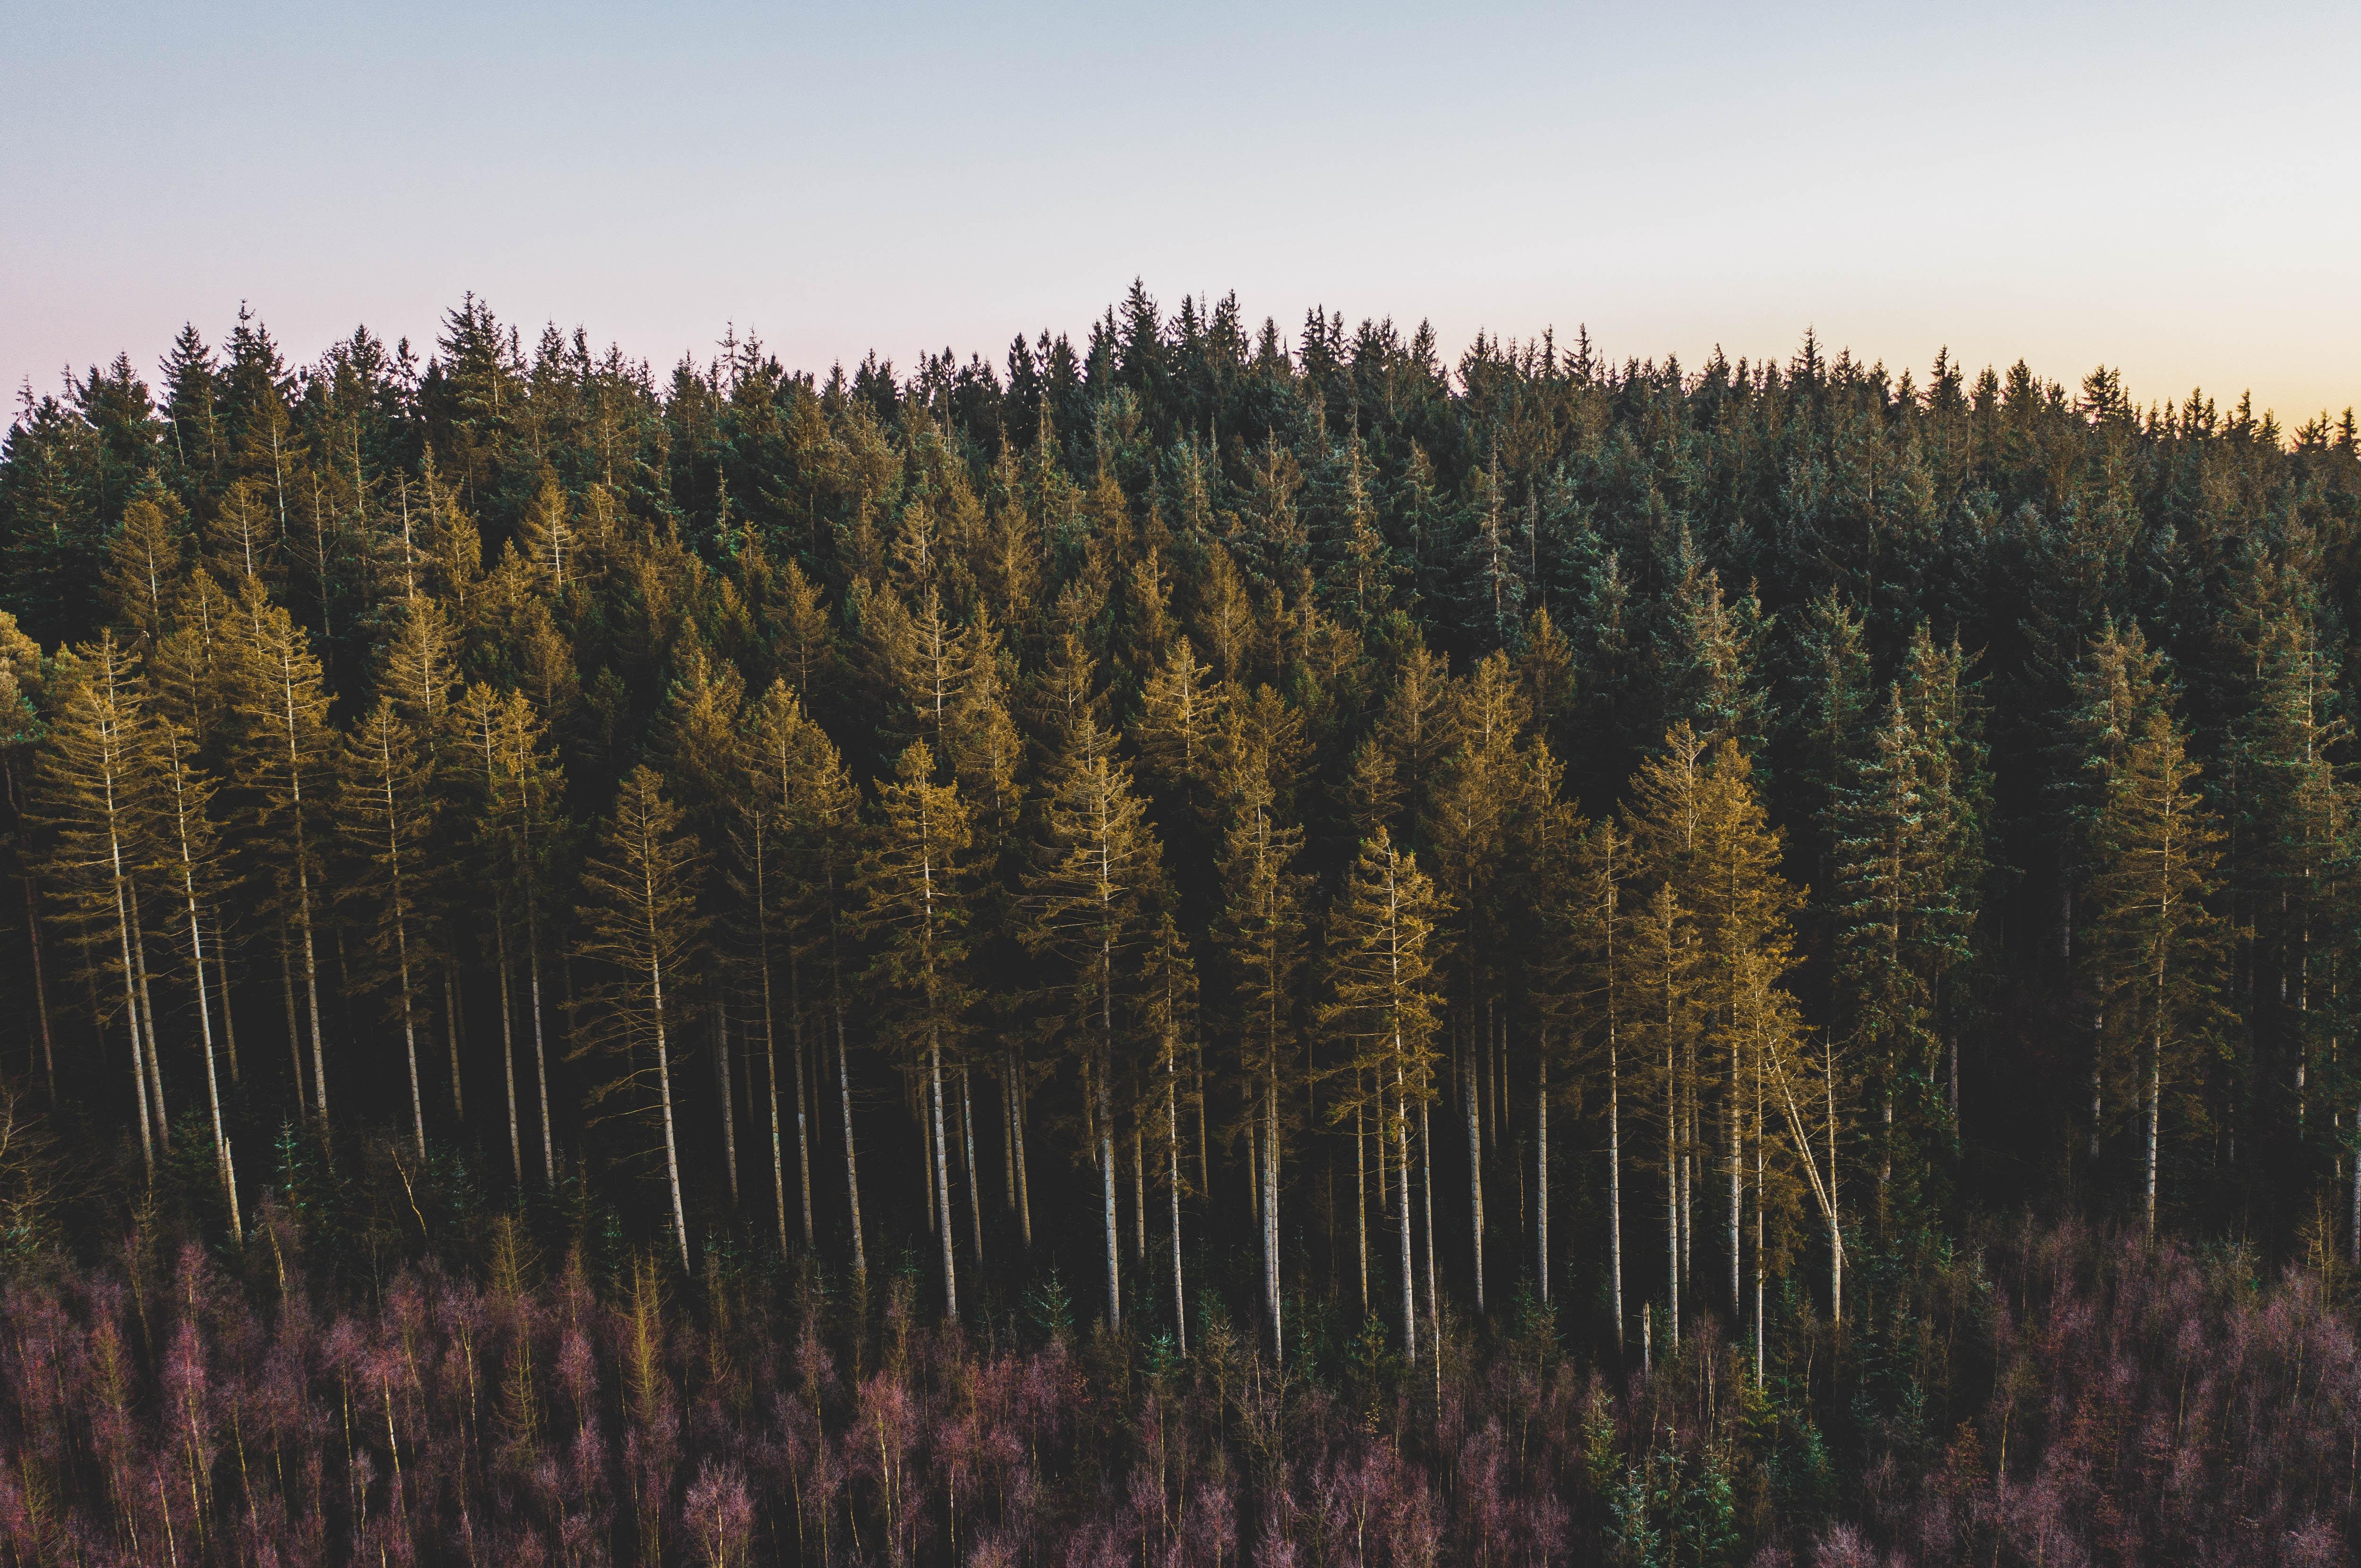 58715 скачать обои Лес, Хвойный, Деревья, Природа, Сосны - заставки и картинки бесплатно